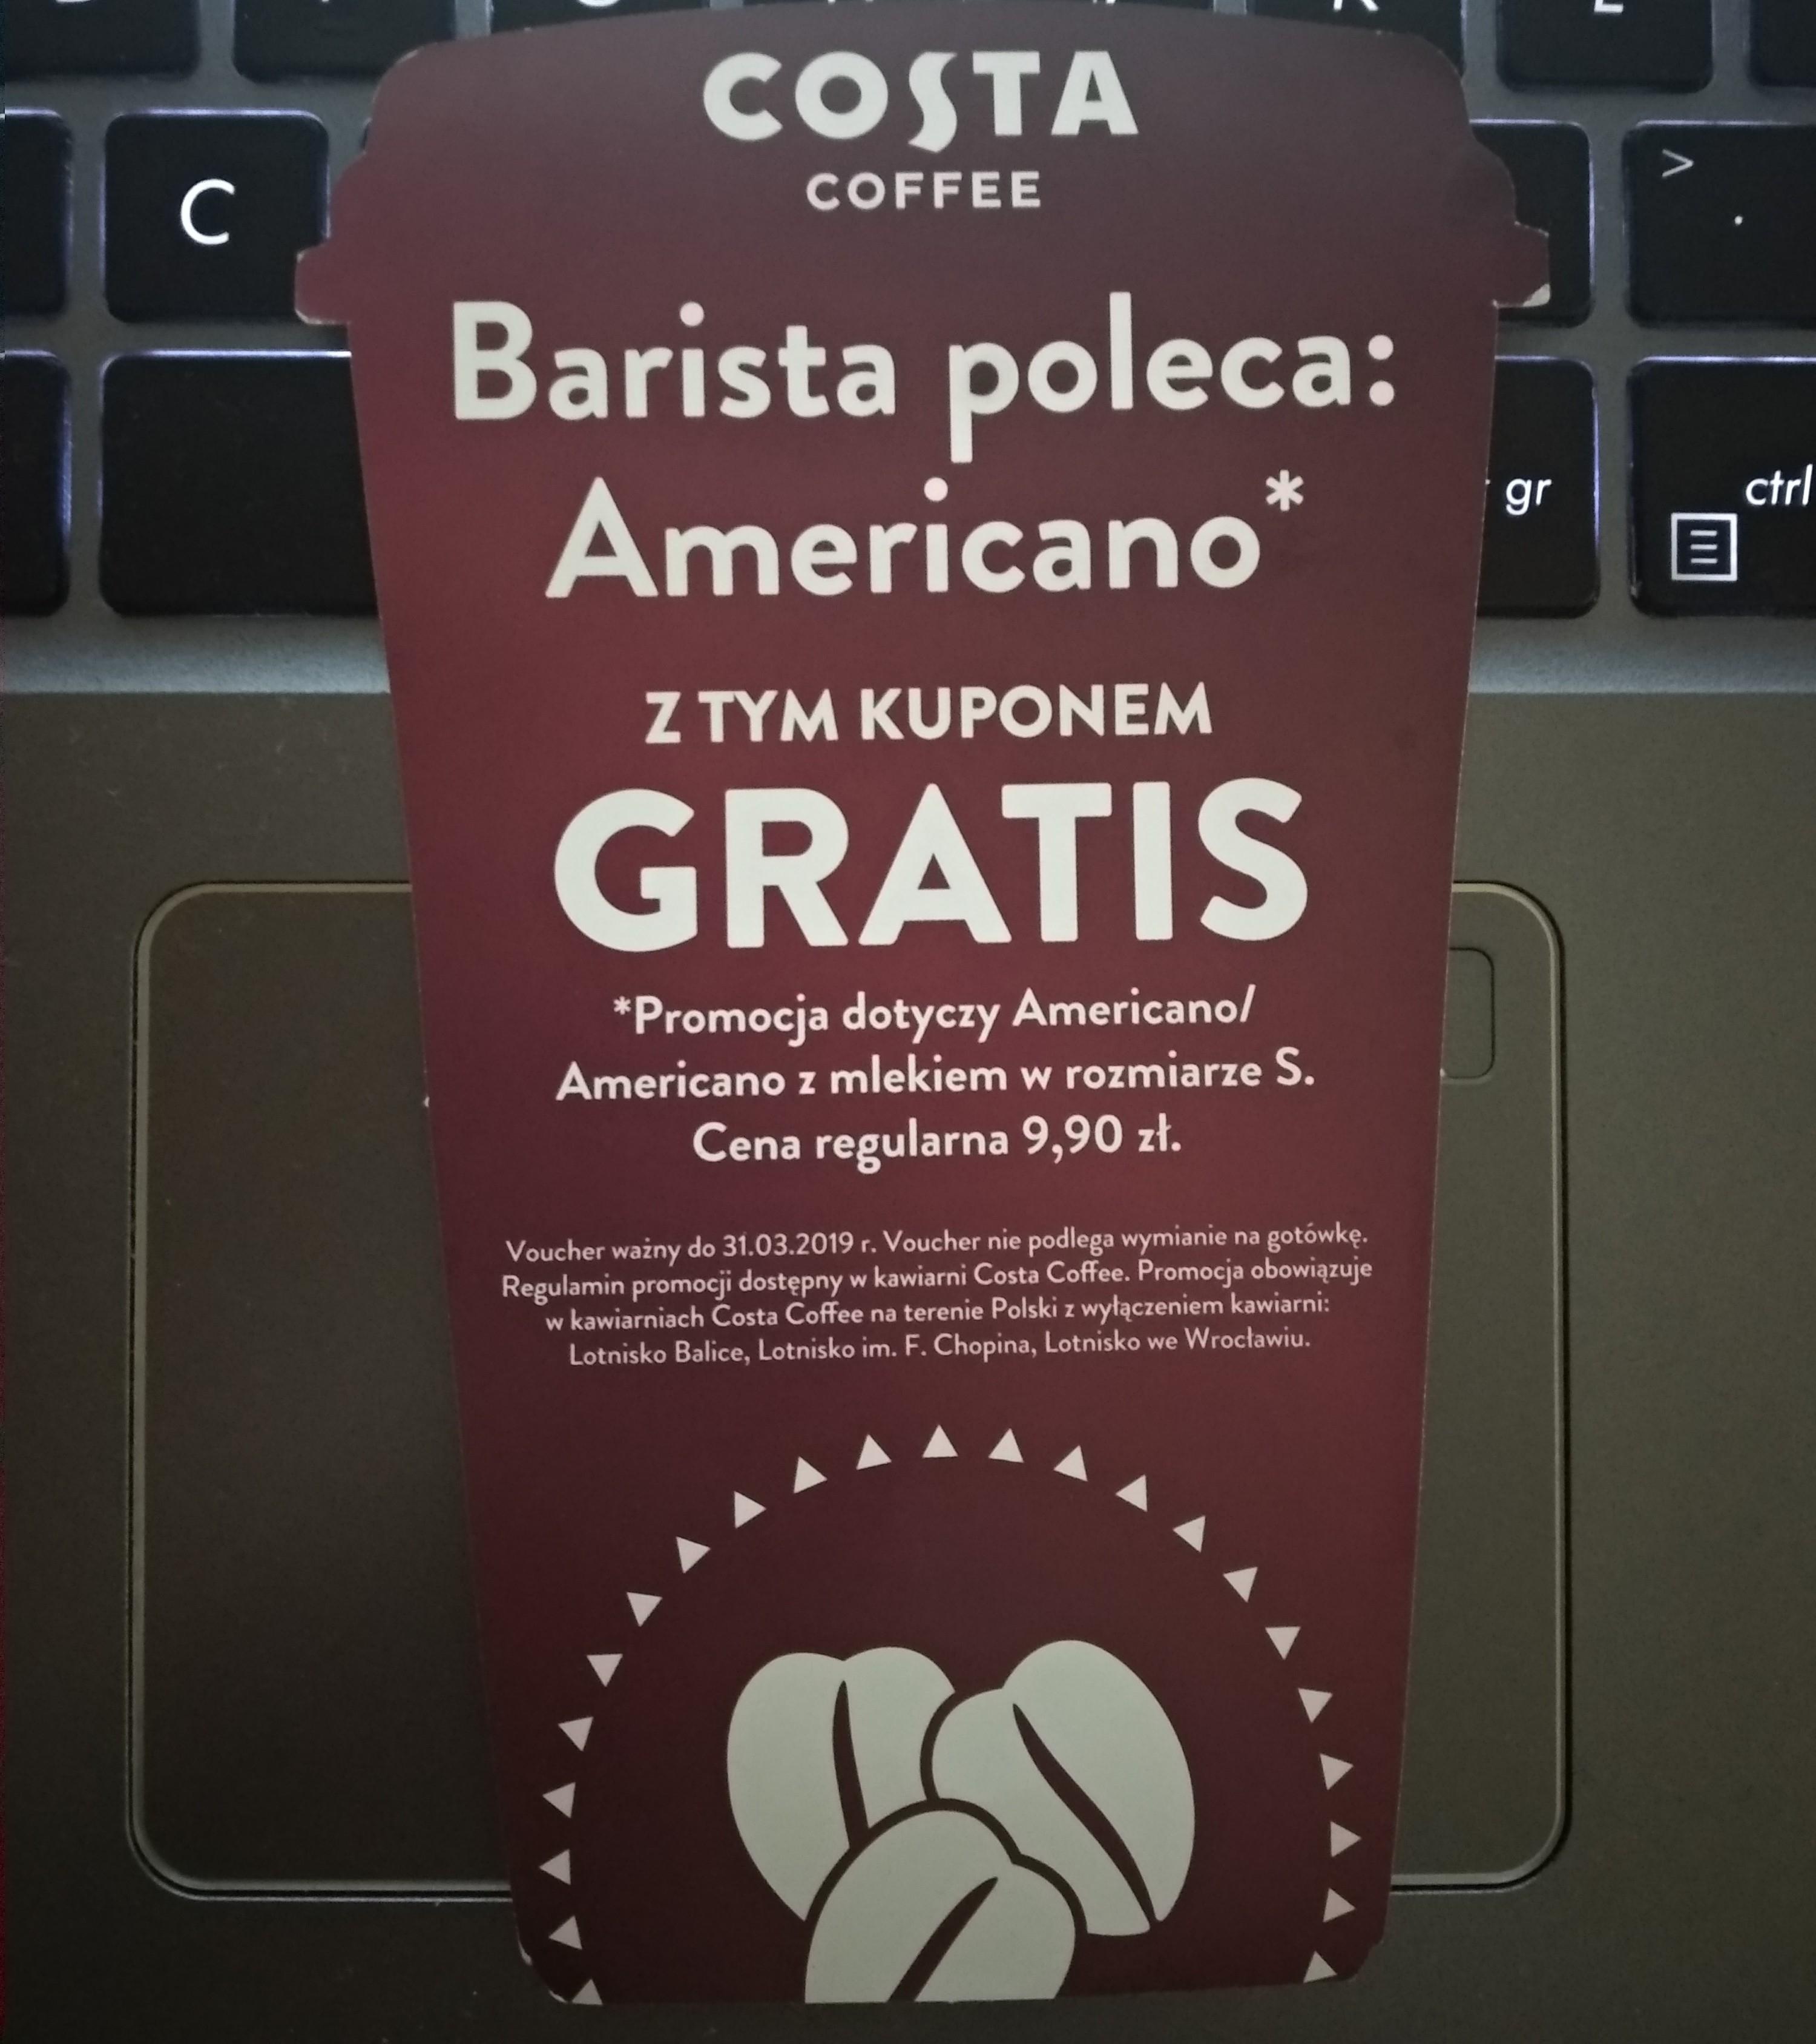 Darmowa kawa Americano w Costa Coffee